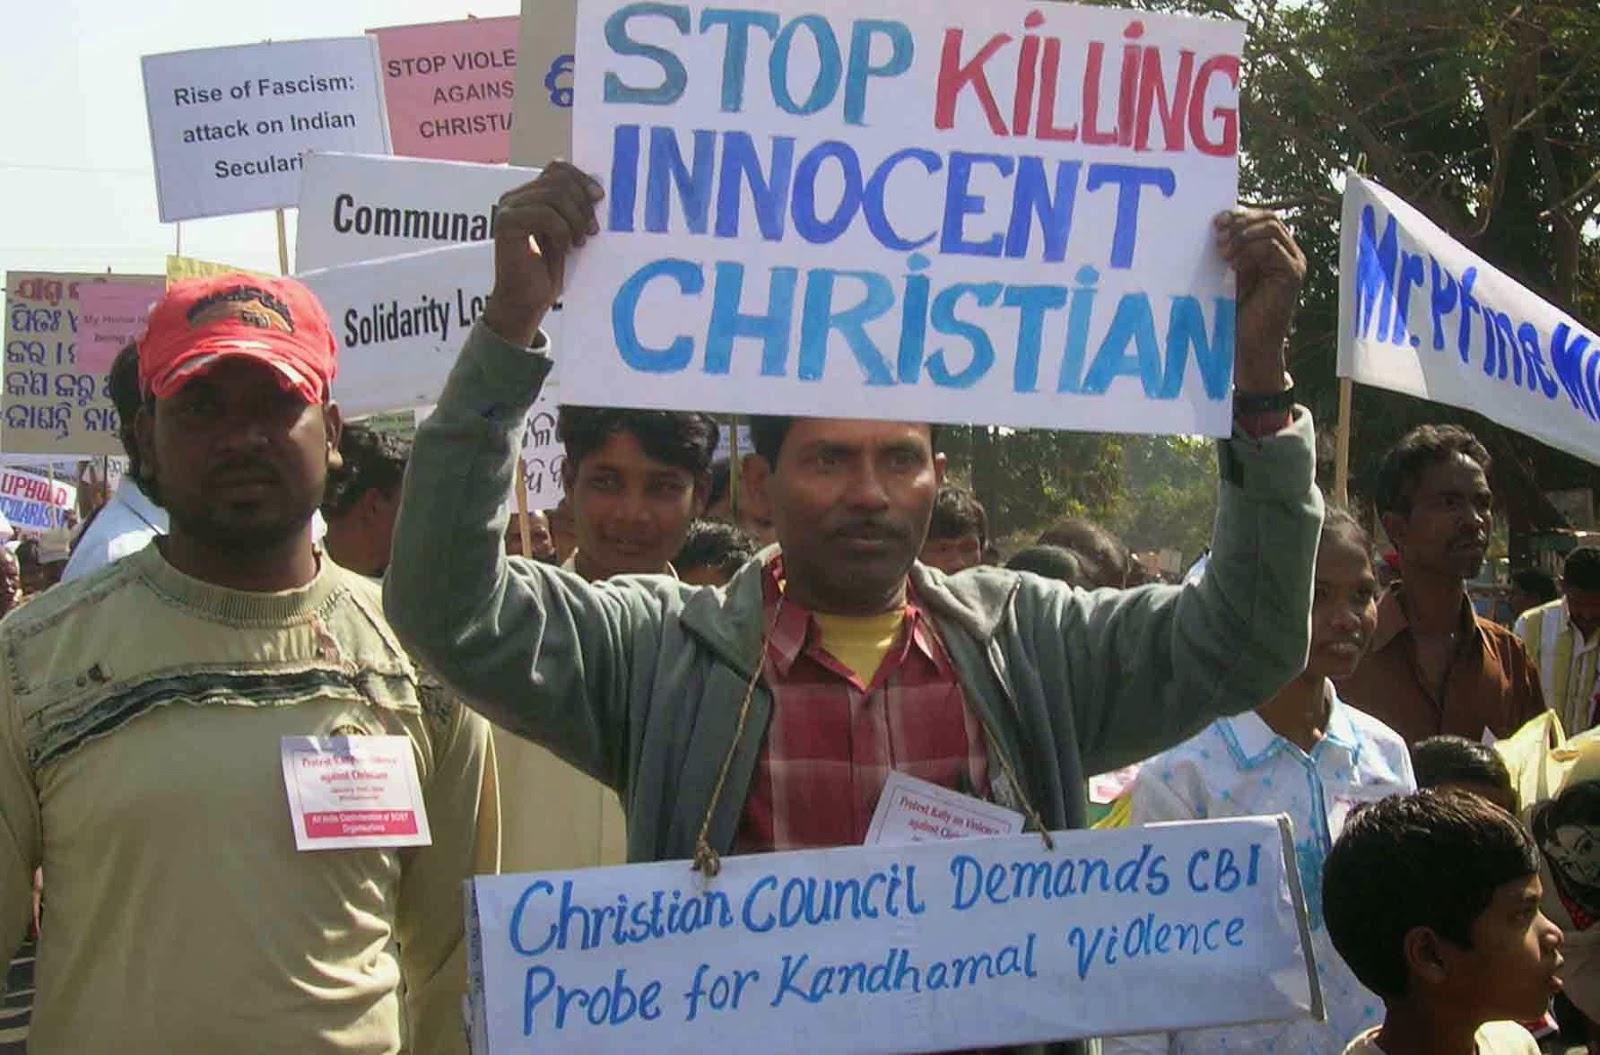 Os budistas radicais destroem a igreja cingalesa, mas os cristãos se recusam a parar de adorar Jesus e se reúnem debaixo de uma árvore